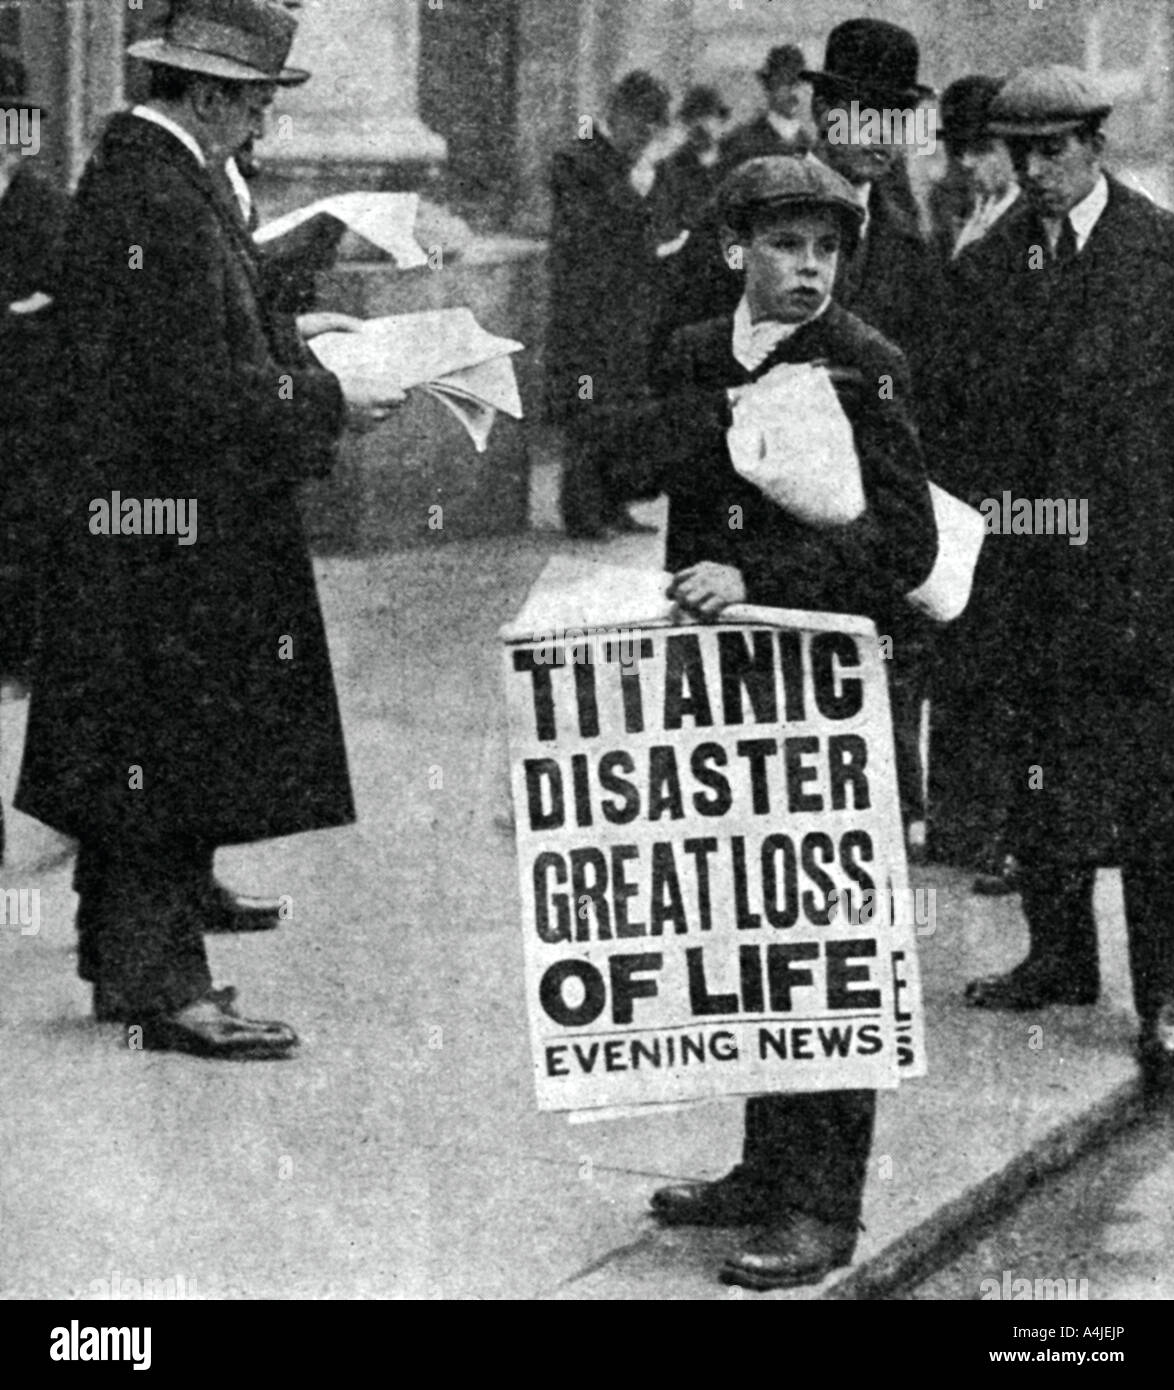 Ragazzo di giornale con la notizia del disastro del Titanic 14 Aprile 1912 Immagini Stock